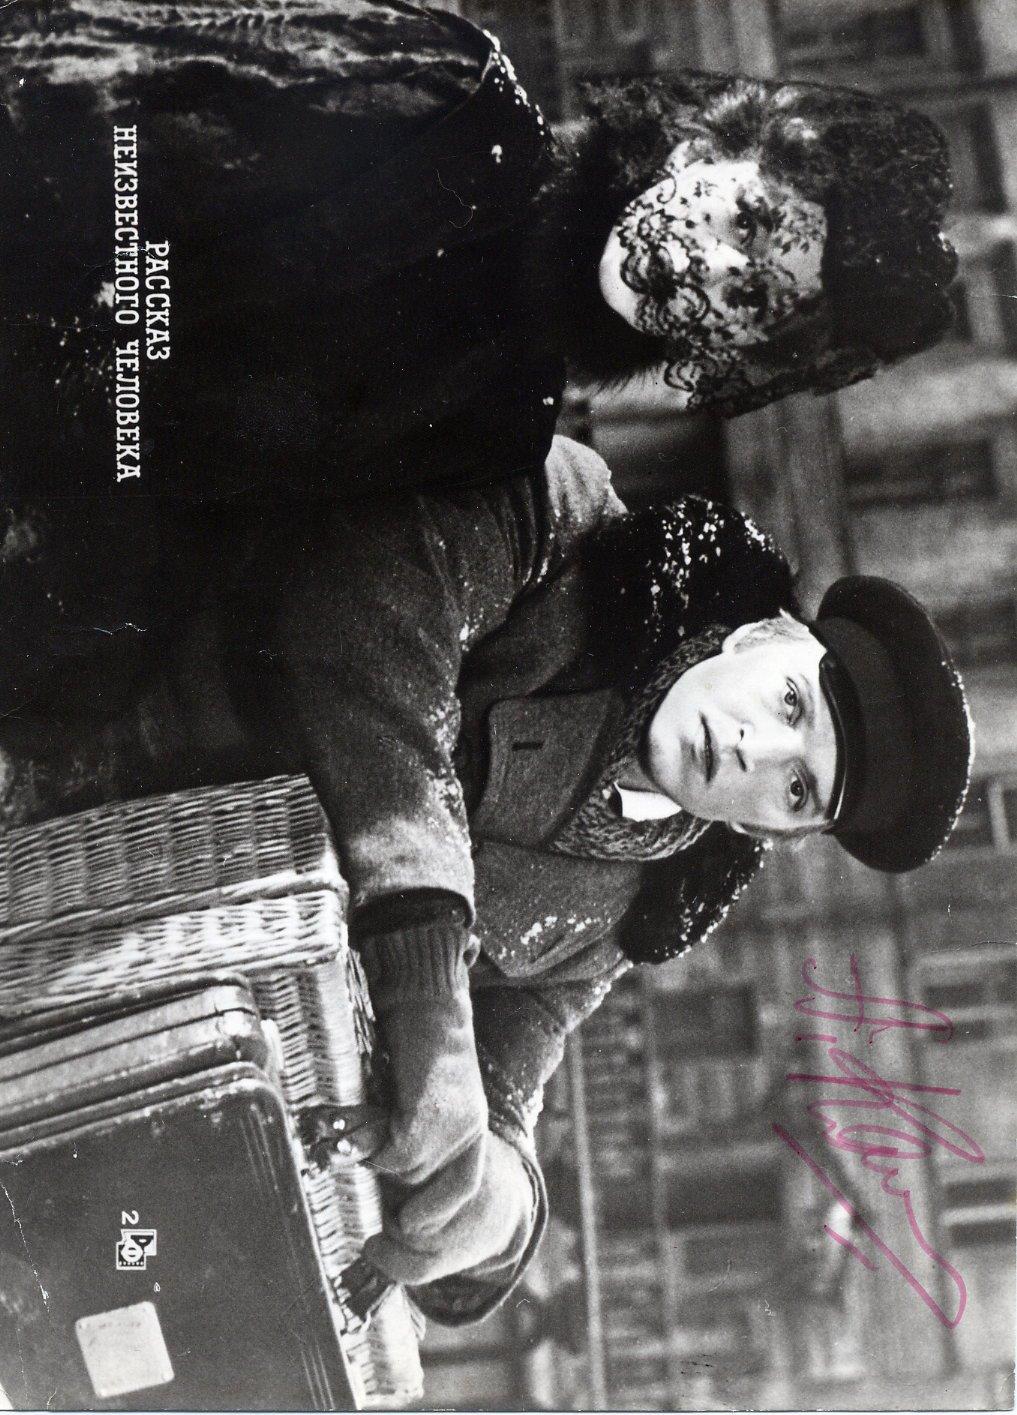 Tarkovsky's Stalker Title Role ALEXANDER KAIDANOVSKY Hand Signed Photo 7x9,5 RARE!